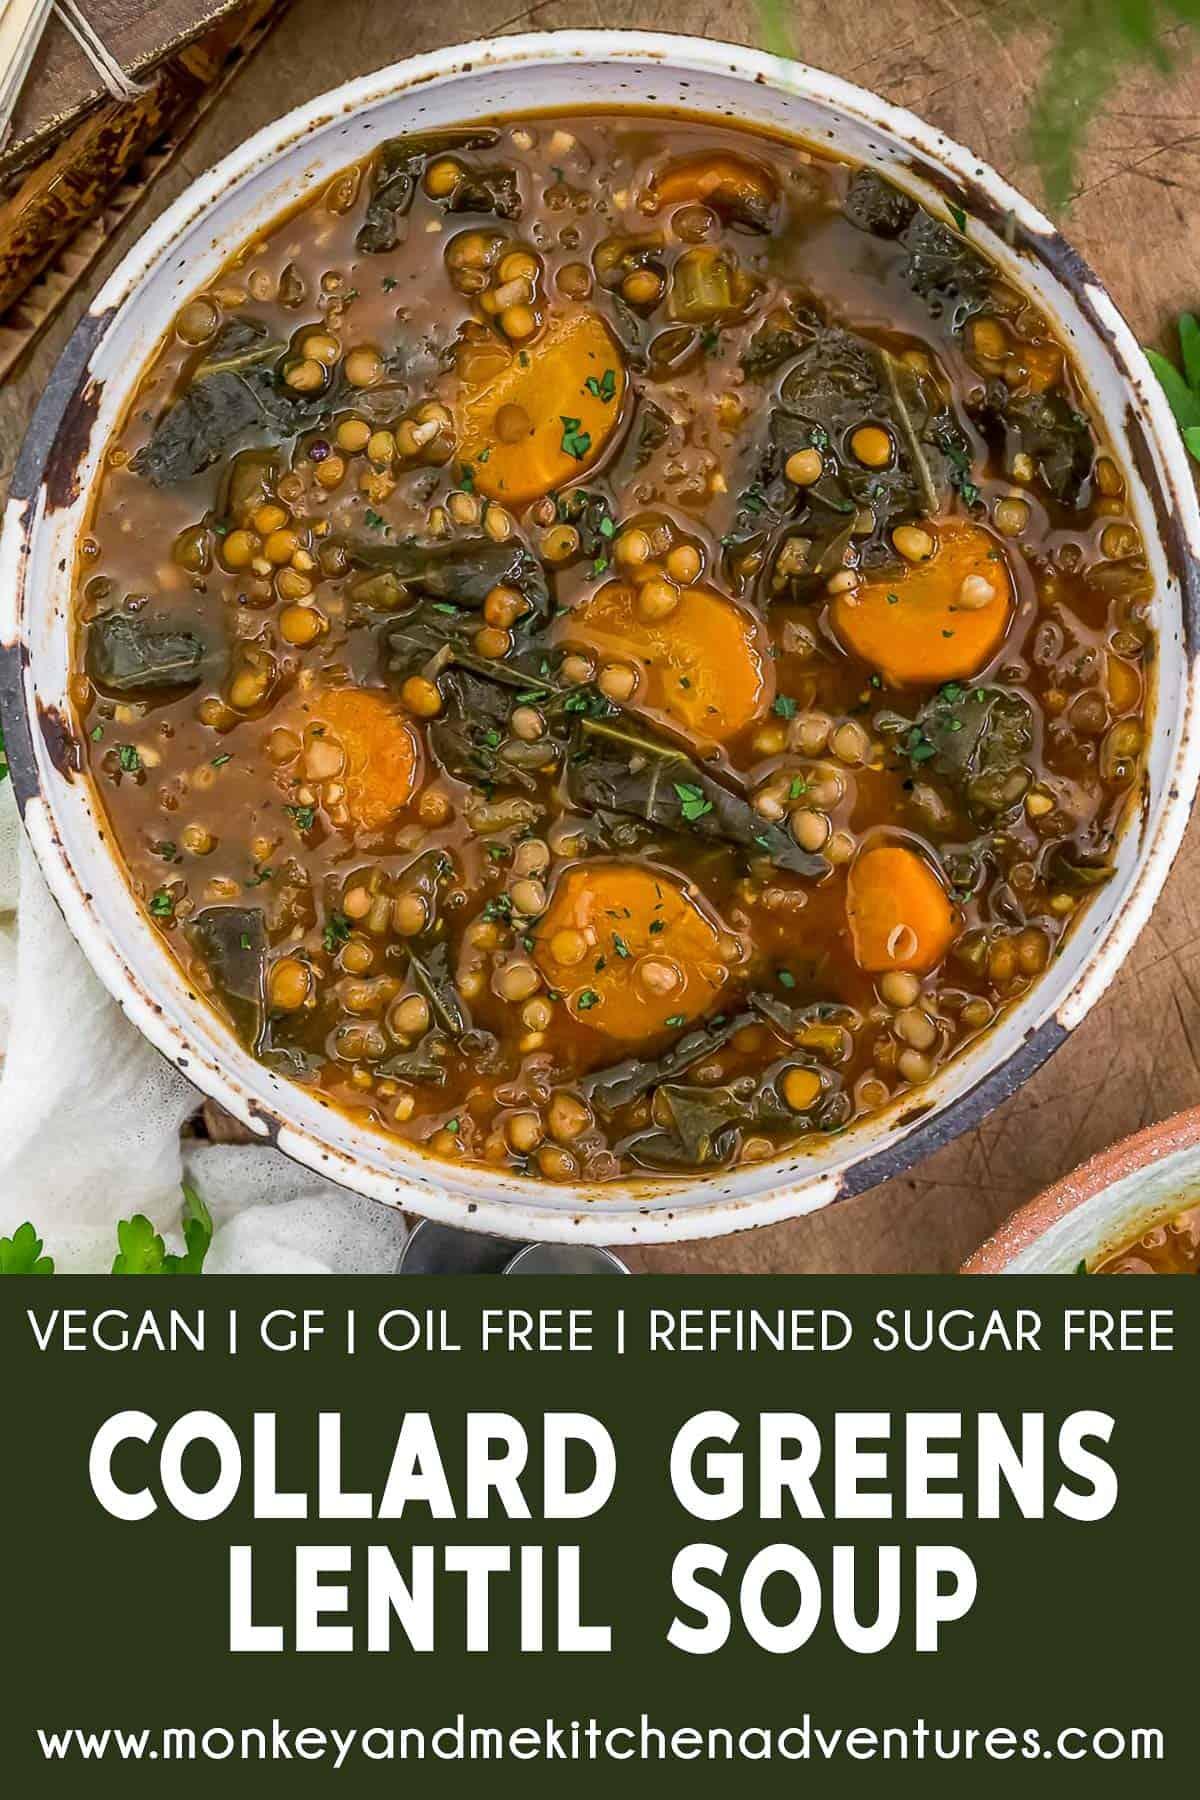 Collard Greens Lentil Soup with text description